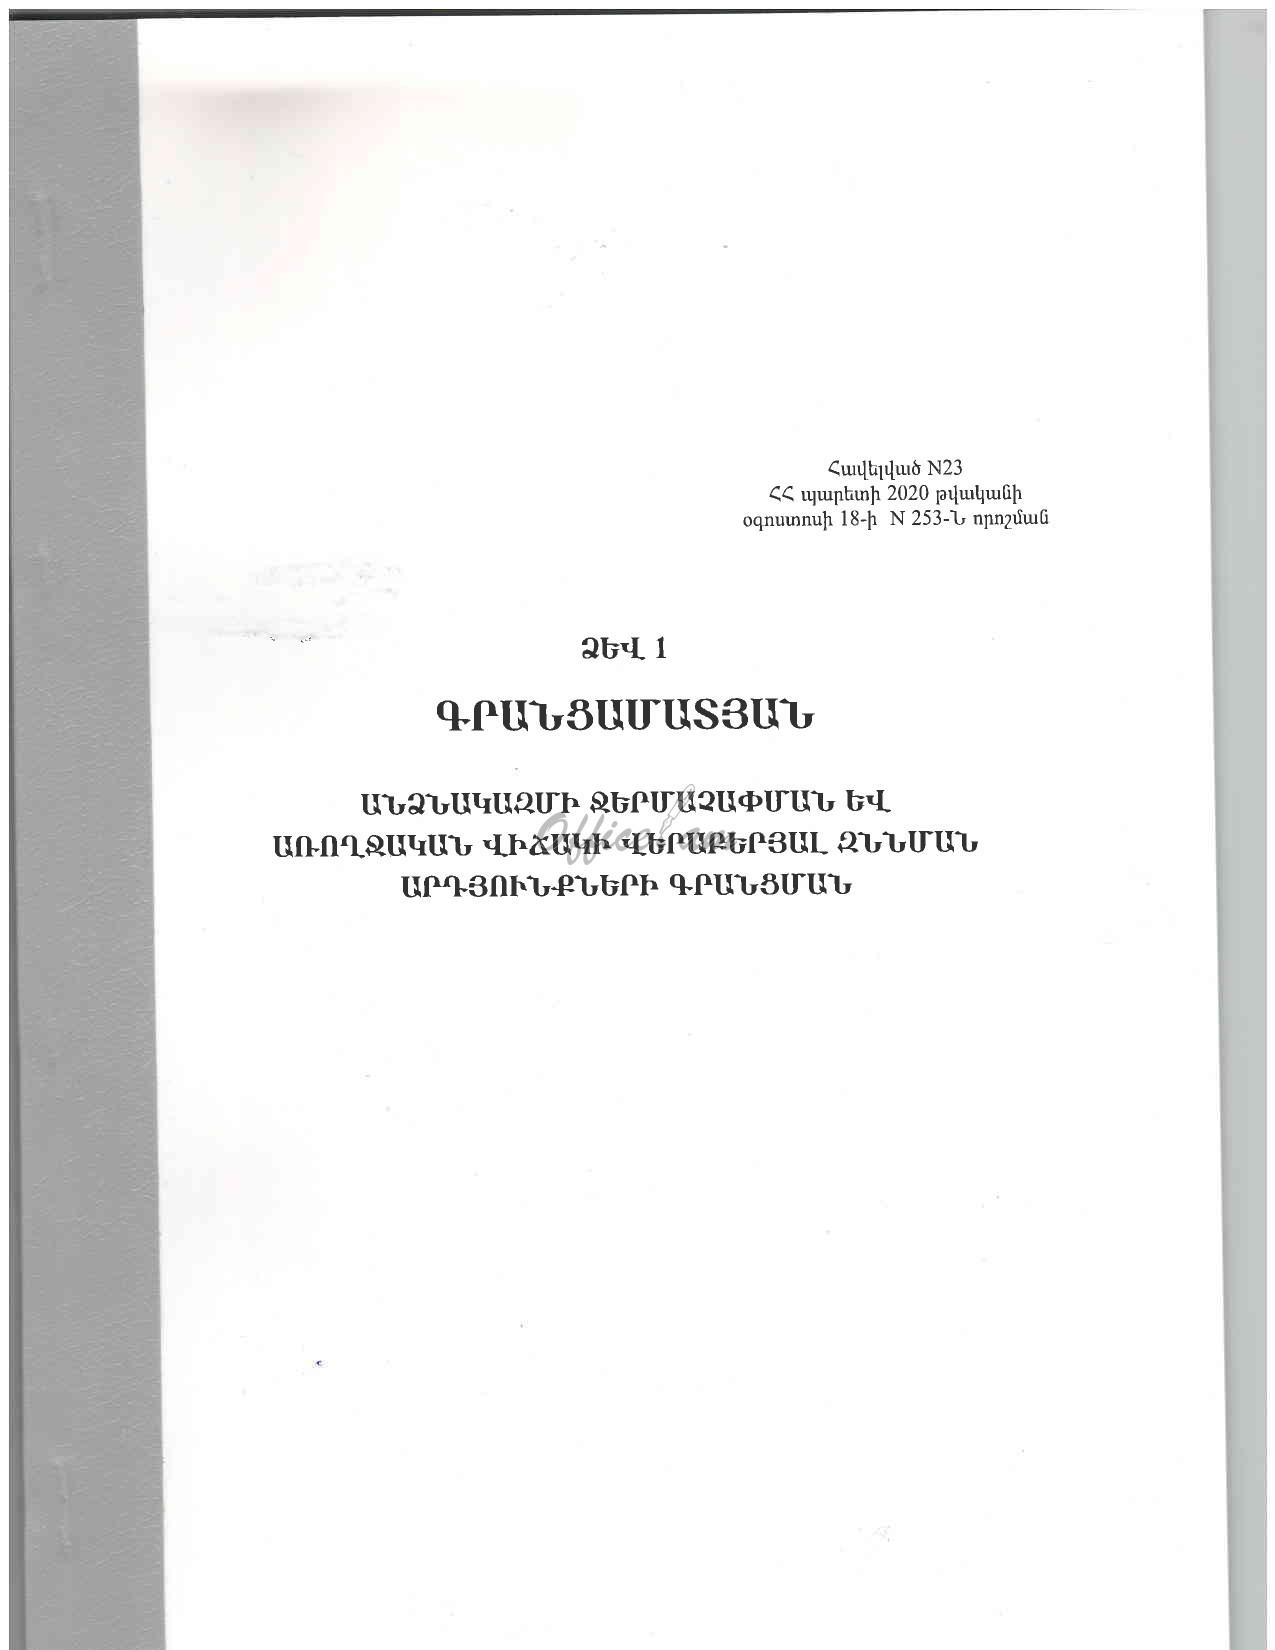 Գրանցամատյան անձնակազմի ջերմաչափման վերաբերյալ (N1), 50թ.